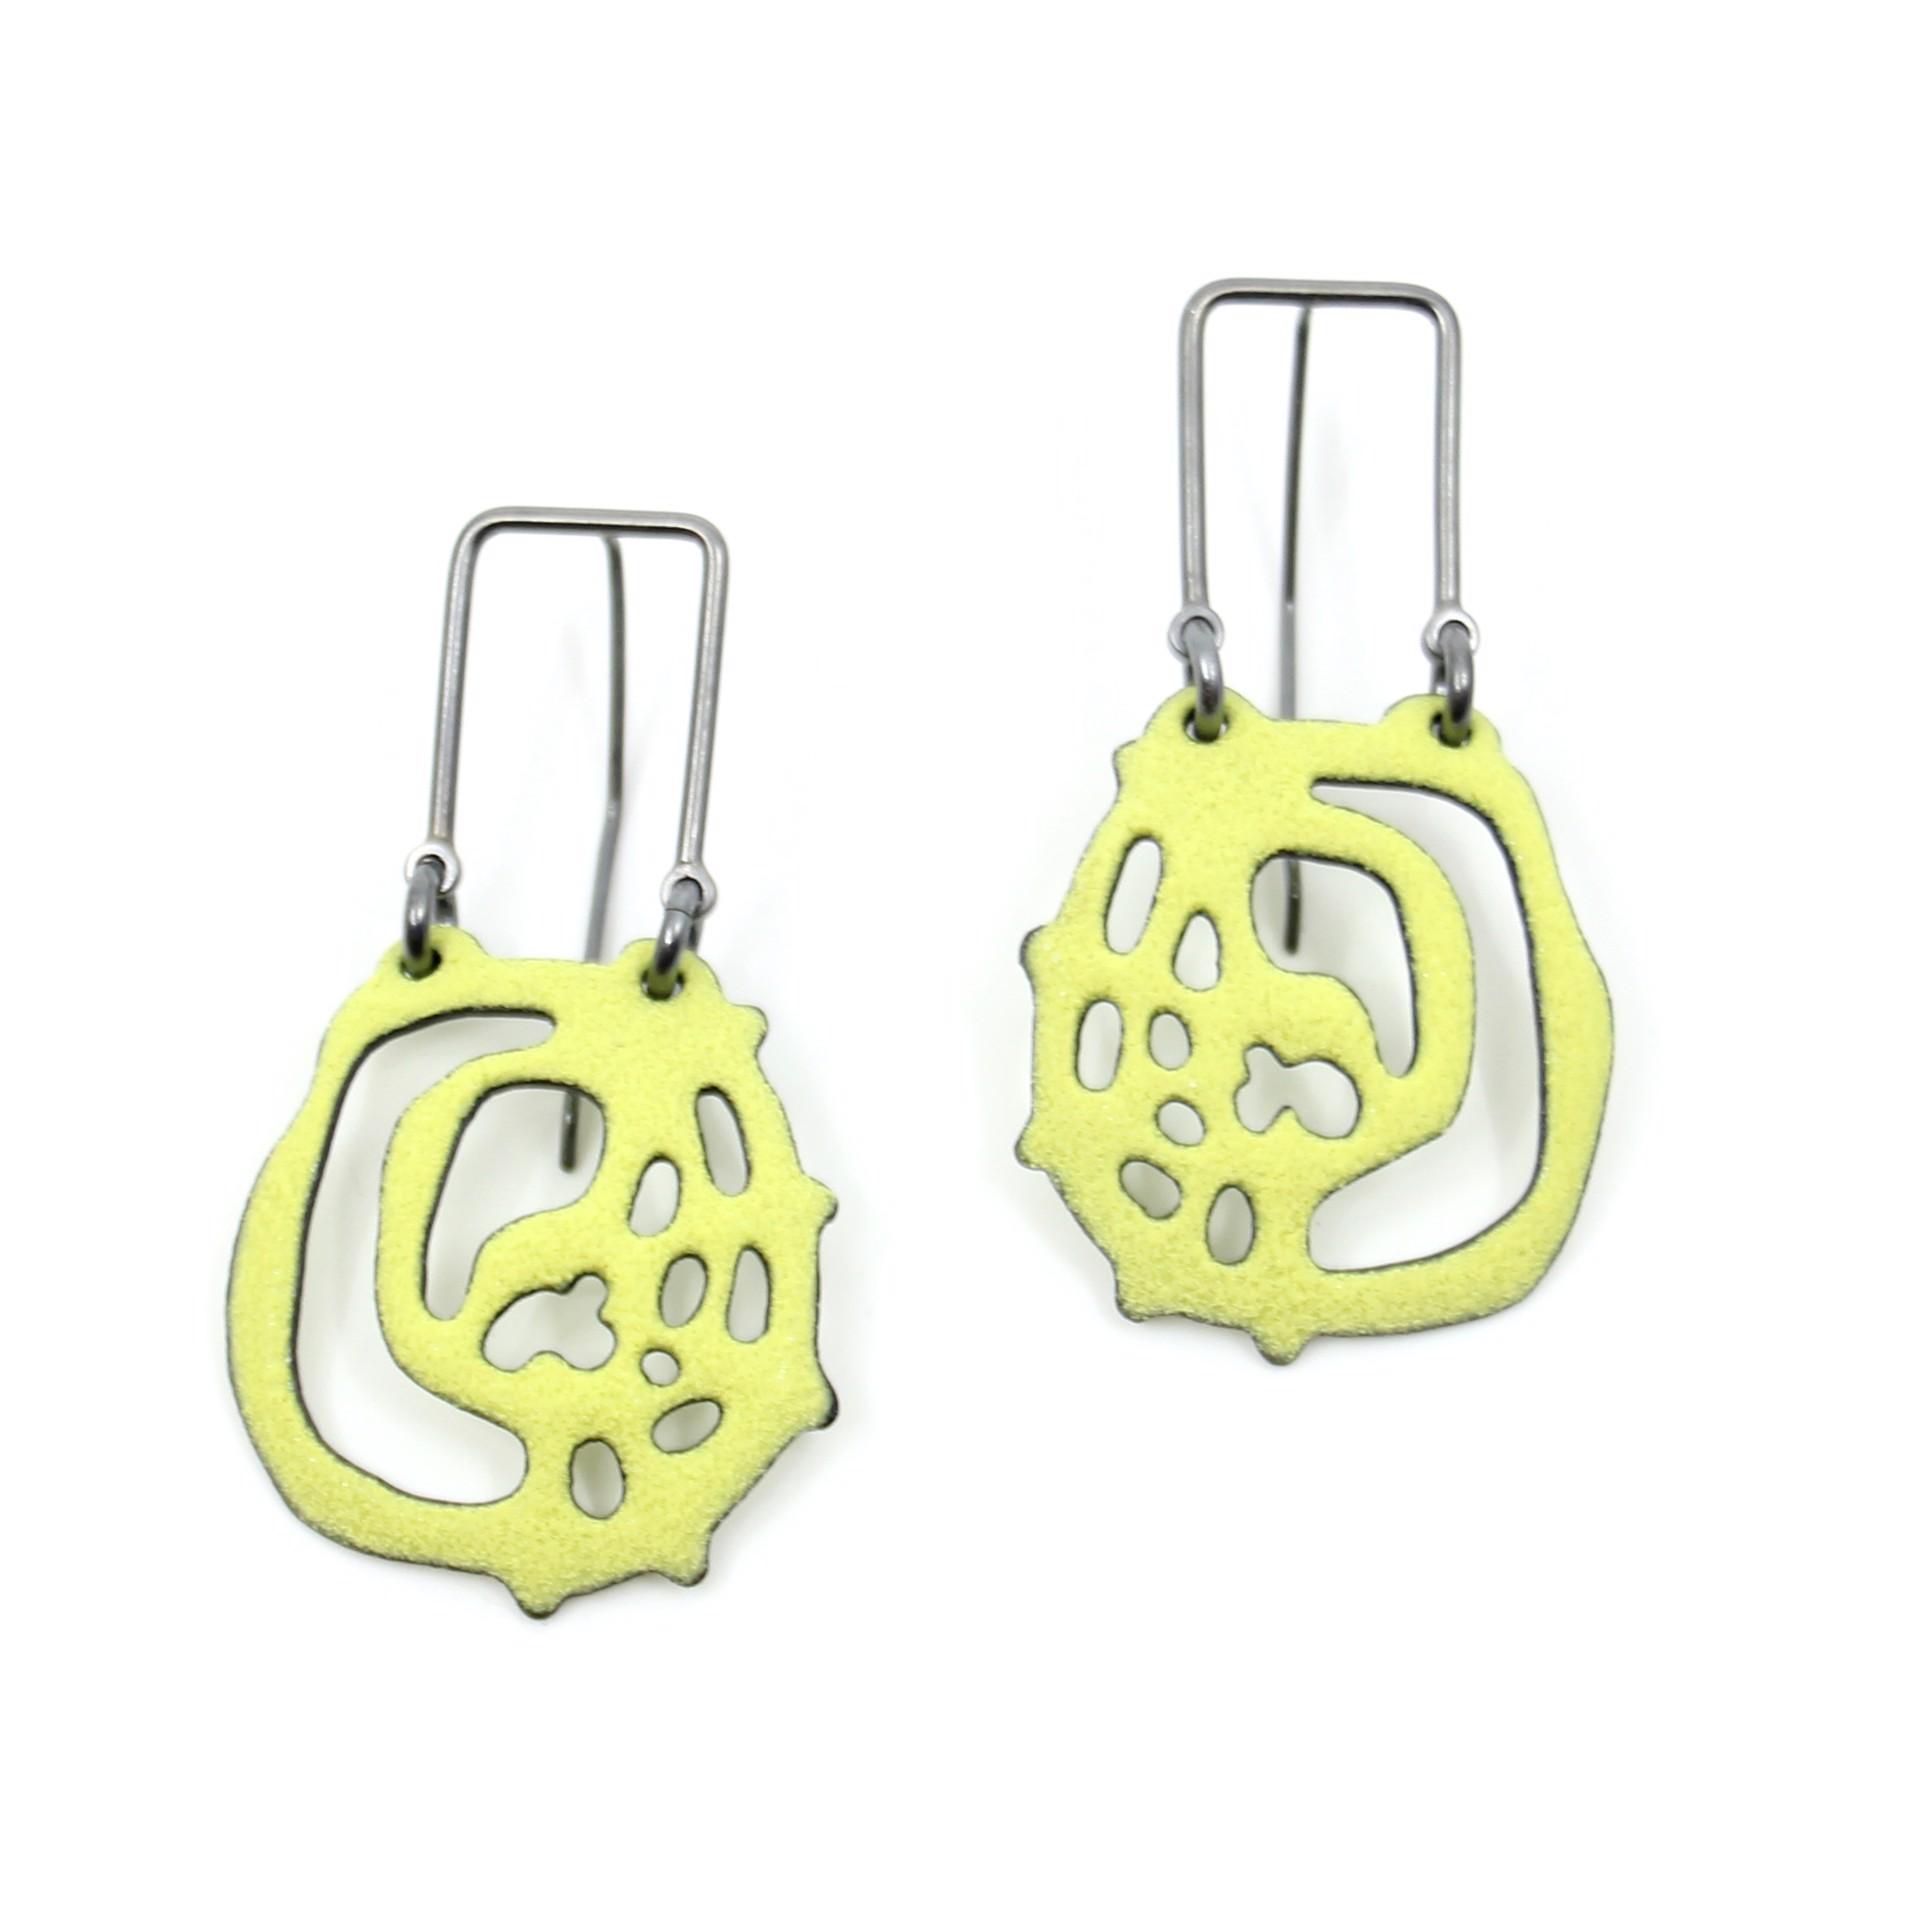 Orbit Earrings by Joanna Nealey